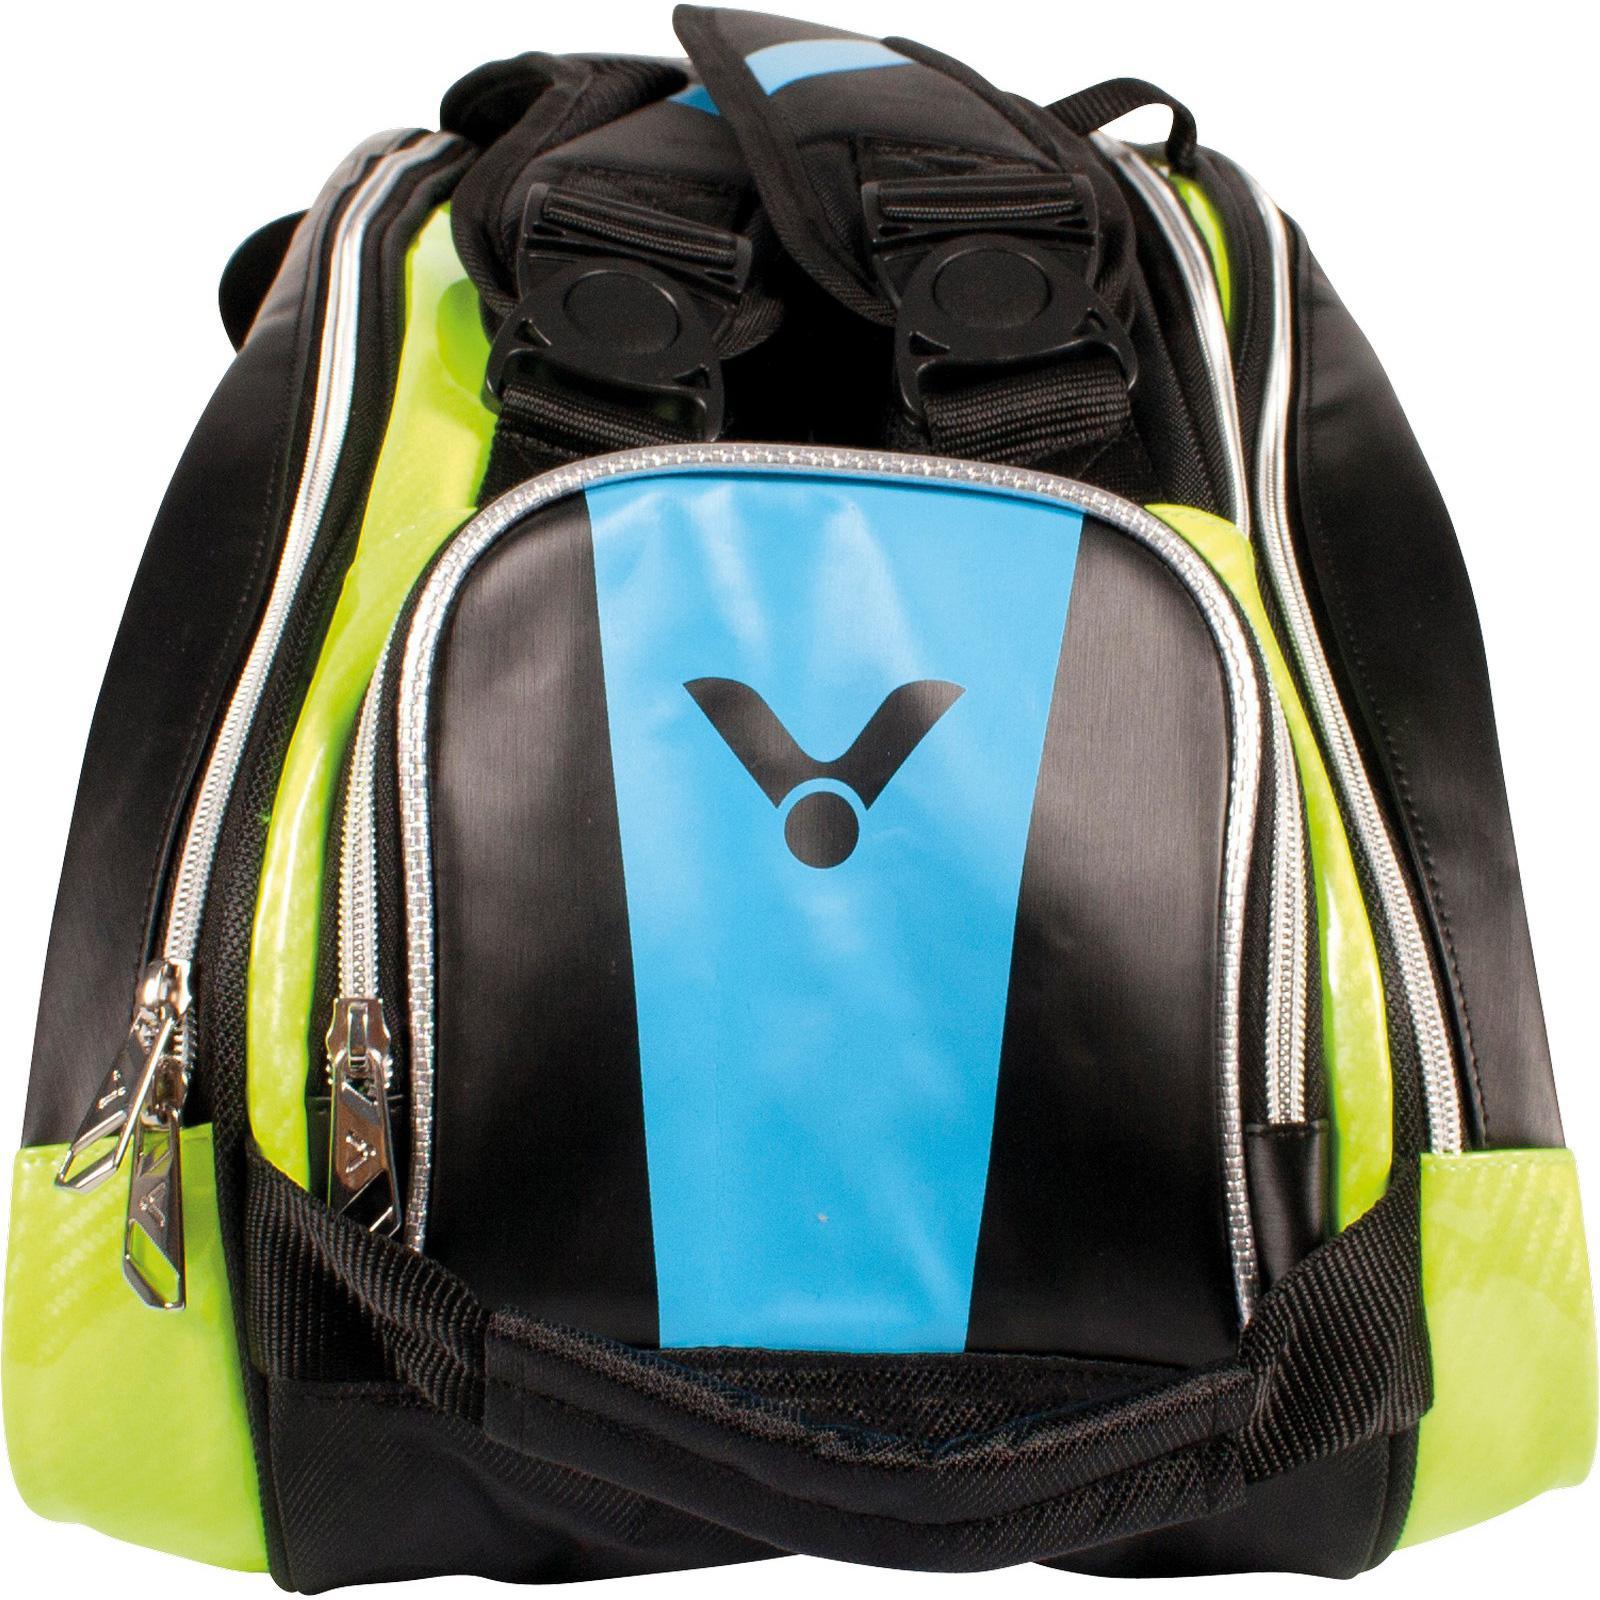 bca4134295 Victor Supreme Multi Thermo 16R Bag (9307) - Green Black ...